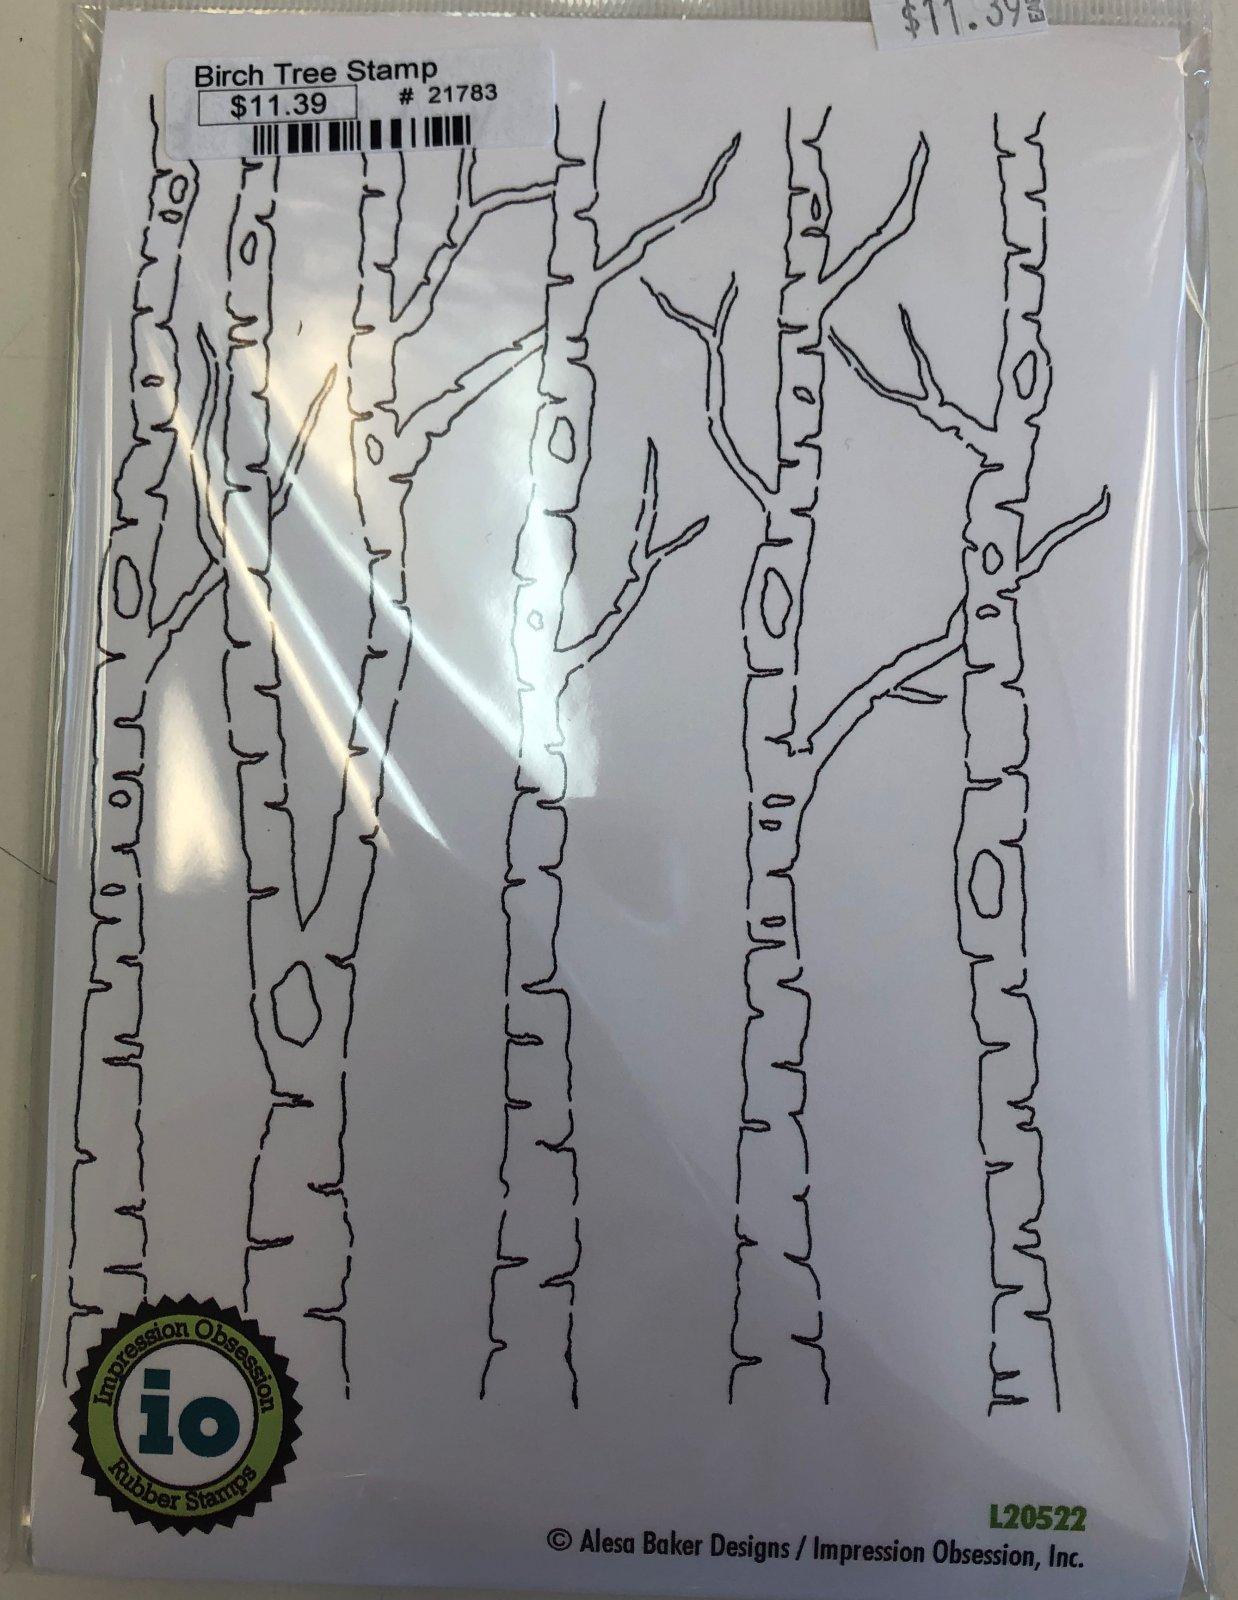 Birch Tree Stamp